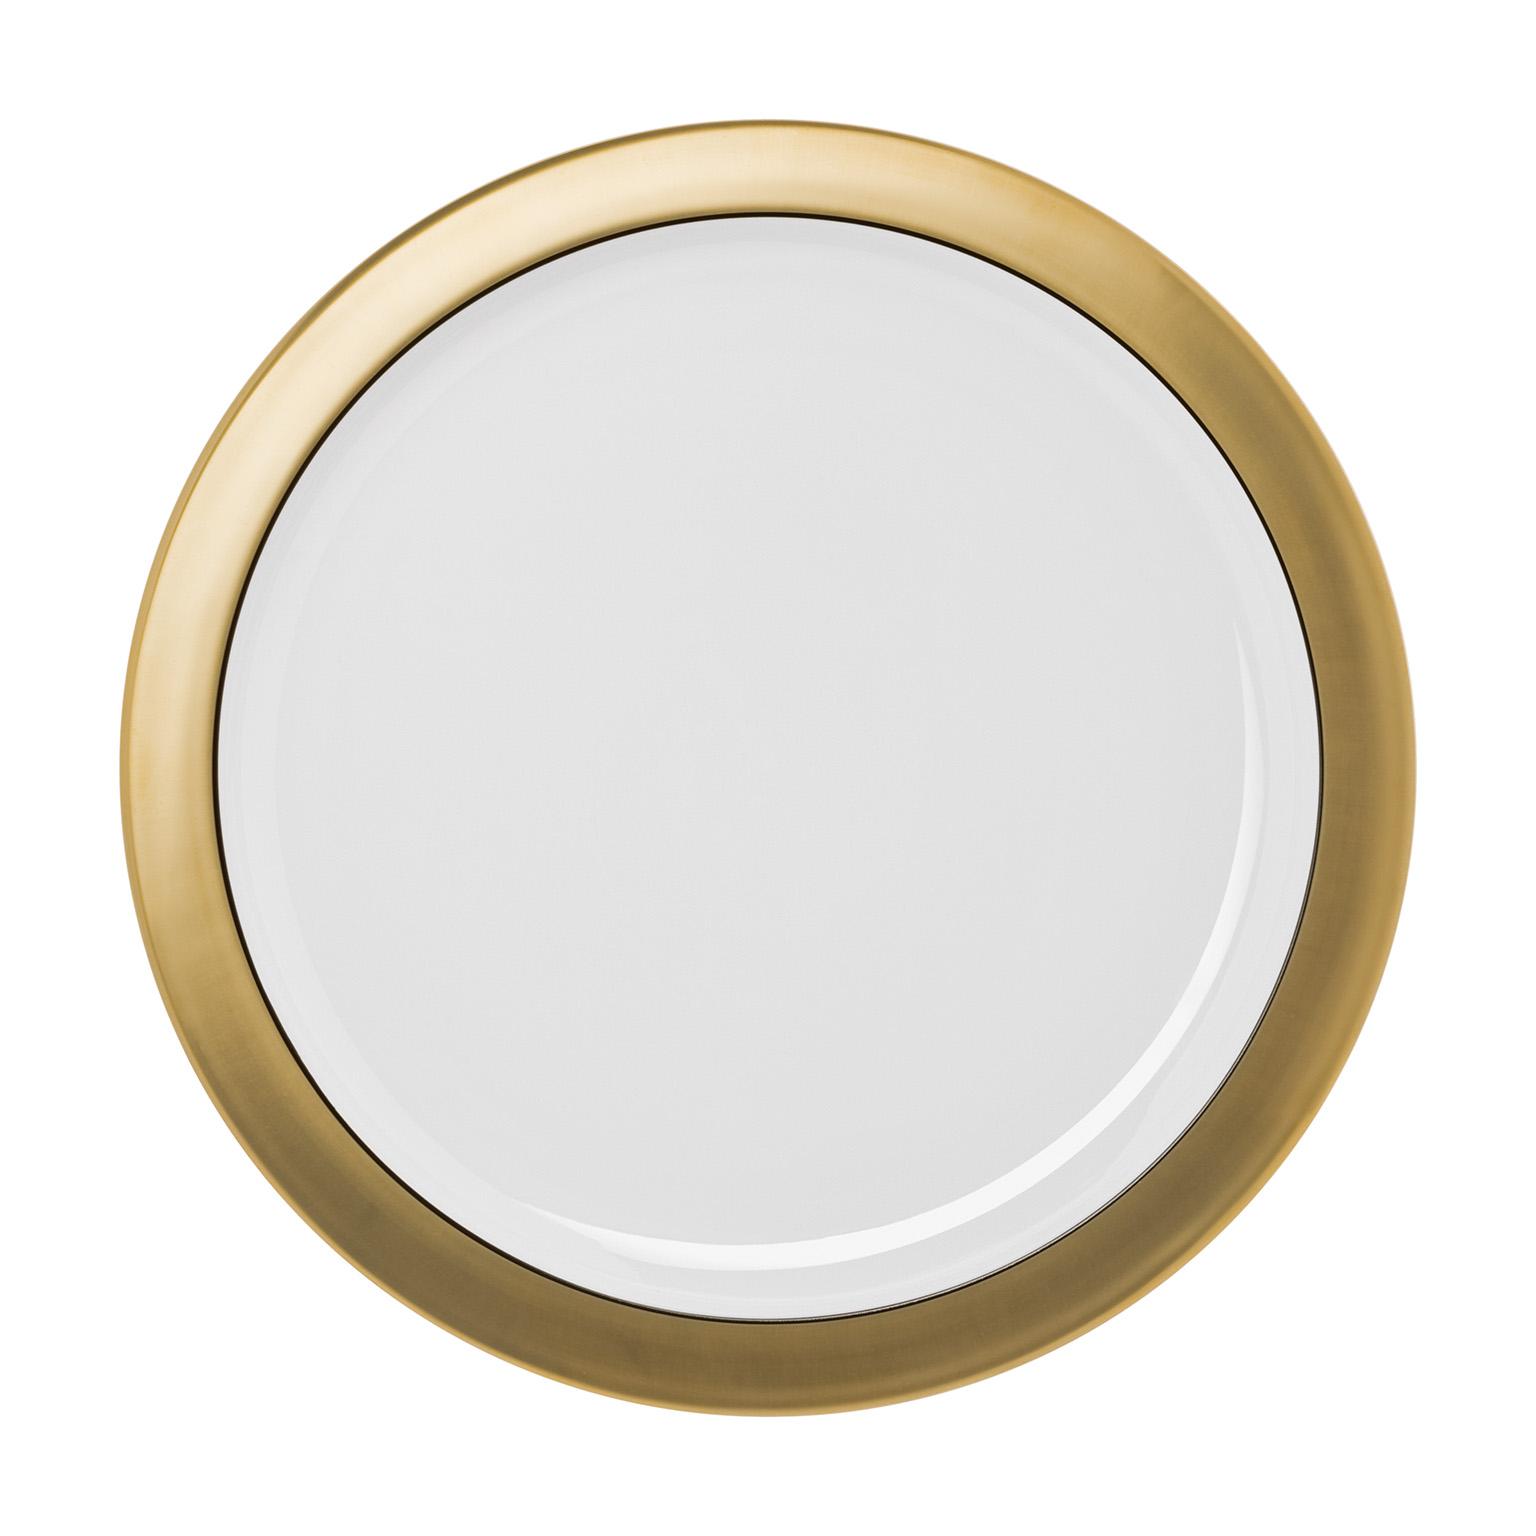 Polite Gold Carving Platter